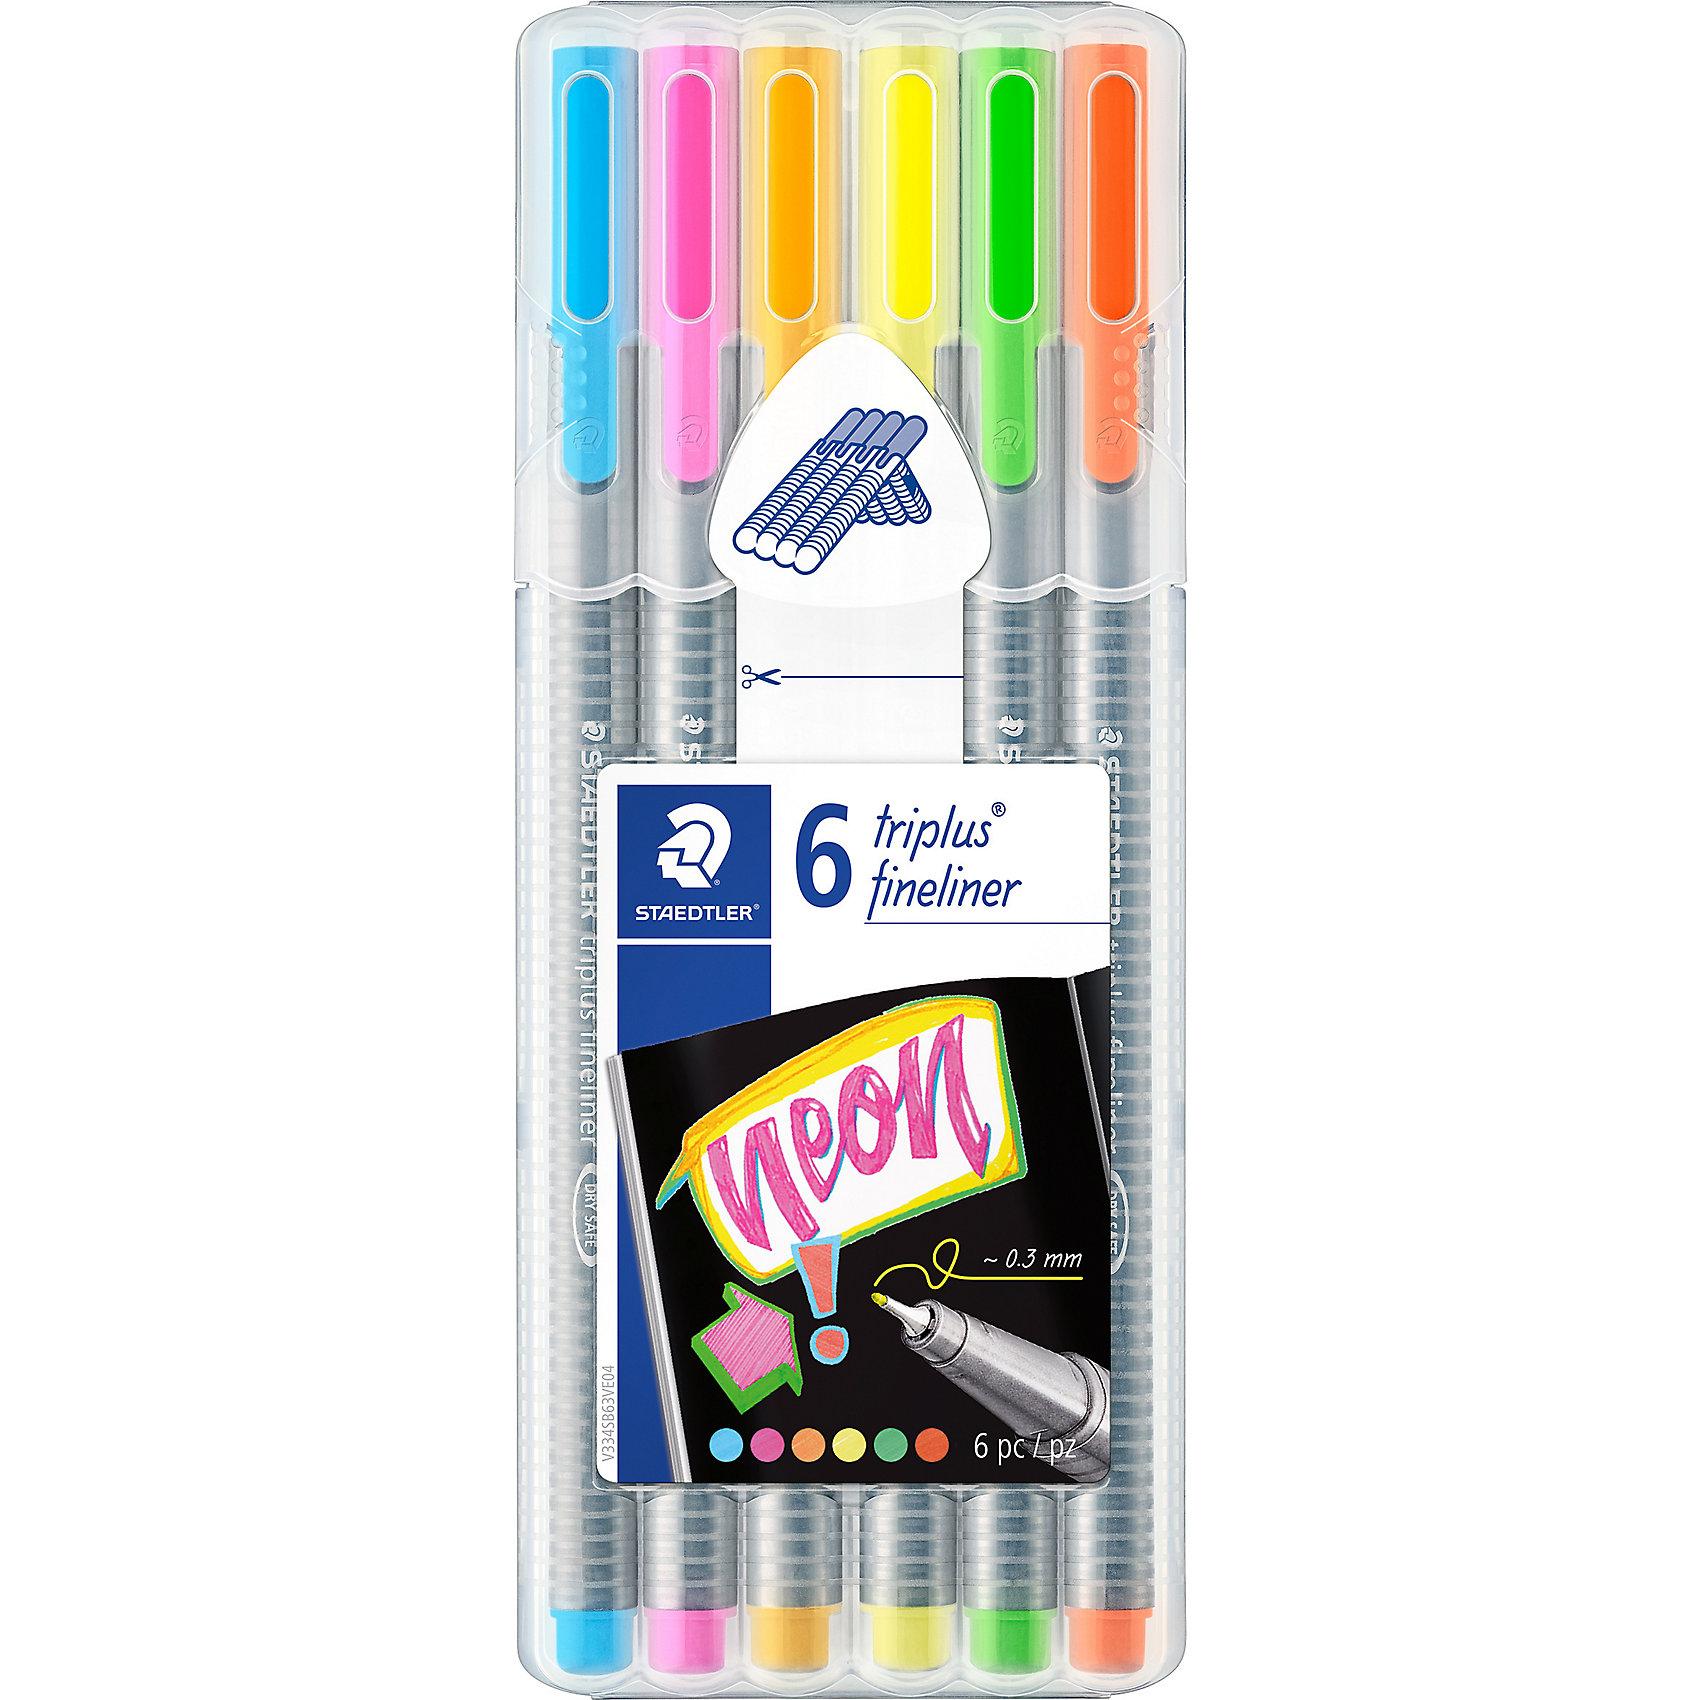 Набор капиллярных ручек Triplus, 6 неоновых цветов, StaedtlerПисьменные принадлежности<br>Набор капиллярных ручек Triplus, 6 неоновых цветов, Staedtler (Штедлер).<br><br>Характеристики:<br><br>• Для детей в возрасте: от 5 лет<br>• В наборе: 6 разноцветных ручек (неоновые цвета)<br>• Цвет чернил соответствует цвету колпачка и заглушки<br>• Чернила на водной основе<br>• Отстирывается с большинства тканей<br>• Материал корпуса: полипропилен<br>• Толщина линии: 0,3 мм.<br>• Упаковка: пластиковая коробка подставка<br>• Размер упаковки: 167х165х14 мм.<br>• Вес:80 гр.<br><br>Набор трехгранных капиллярных ручек Triplus ® fineliner в пластиковой коробке-подставке идеально подходит как для письма и работы с документами, так и для творчества. Эргономичная форма обеспечивает комфортное письмо без усилий и усталости. Супертонкий и особо прочный металлический наконечник гарантирует мягкое и плавное письмо. Уникальная система позволяет оставлять ручку без колпачка на несколько дней без угрозы высыхания (тест ISO). Корпус из полипропилена и большой запас чернил гарантирует долгий срок службы.<br><br>Набор капиллярных ручек Triplus, 6 неоновых цветов, Staedtler  (Штедлер) можно купить в нашем интернет-магазине.<br><br>Ширина мм: 170<br>Глубина мм: 67<br>Высота мм: 170<br>Вес г: 84<br>Возраст от месяцев: 60<br>Возраст до месяцев: 2147483647<br>Пол: Унисекс<br>Возраст: Детский<br>SKU: 5530002